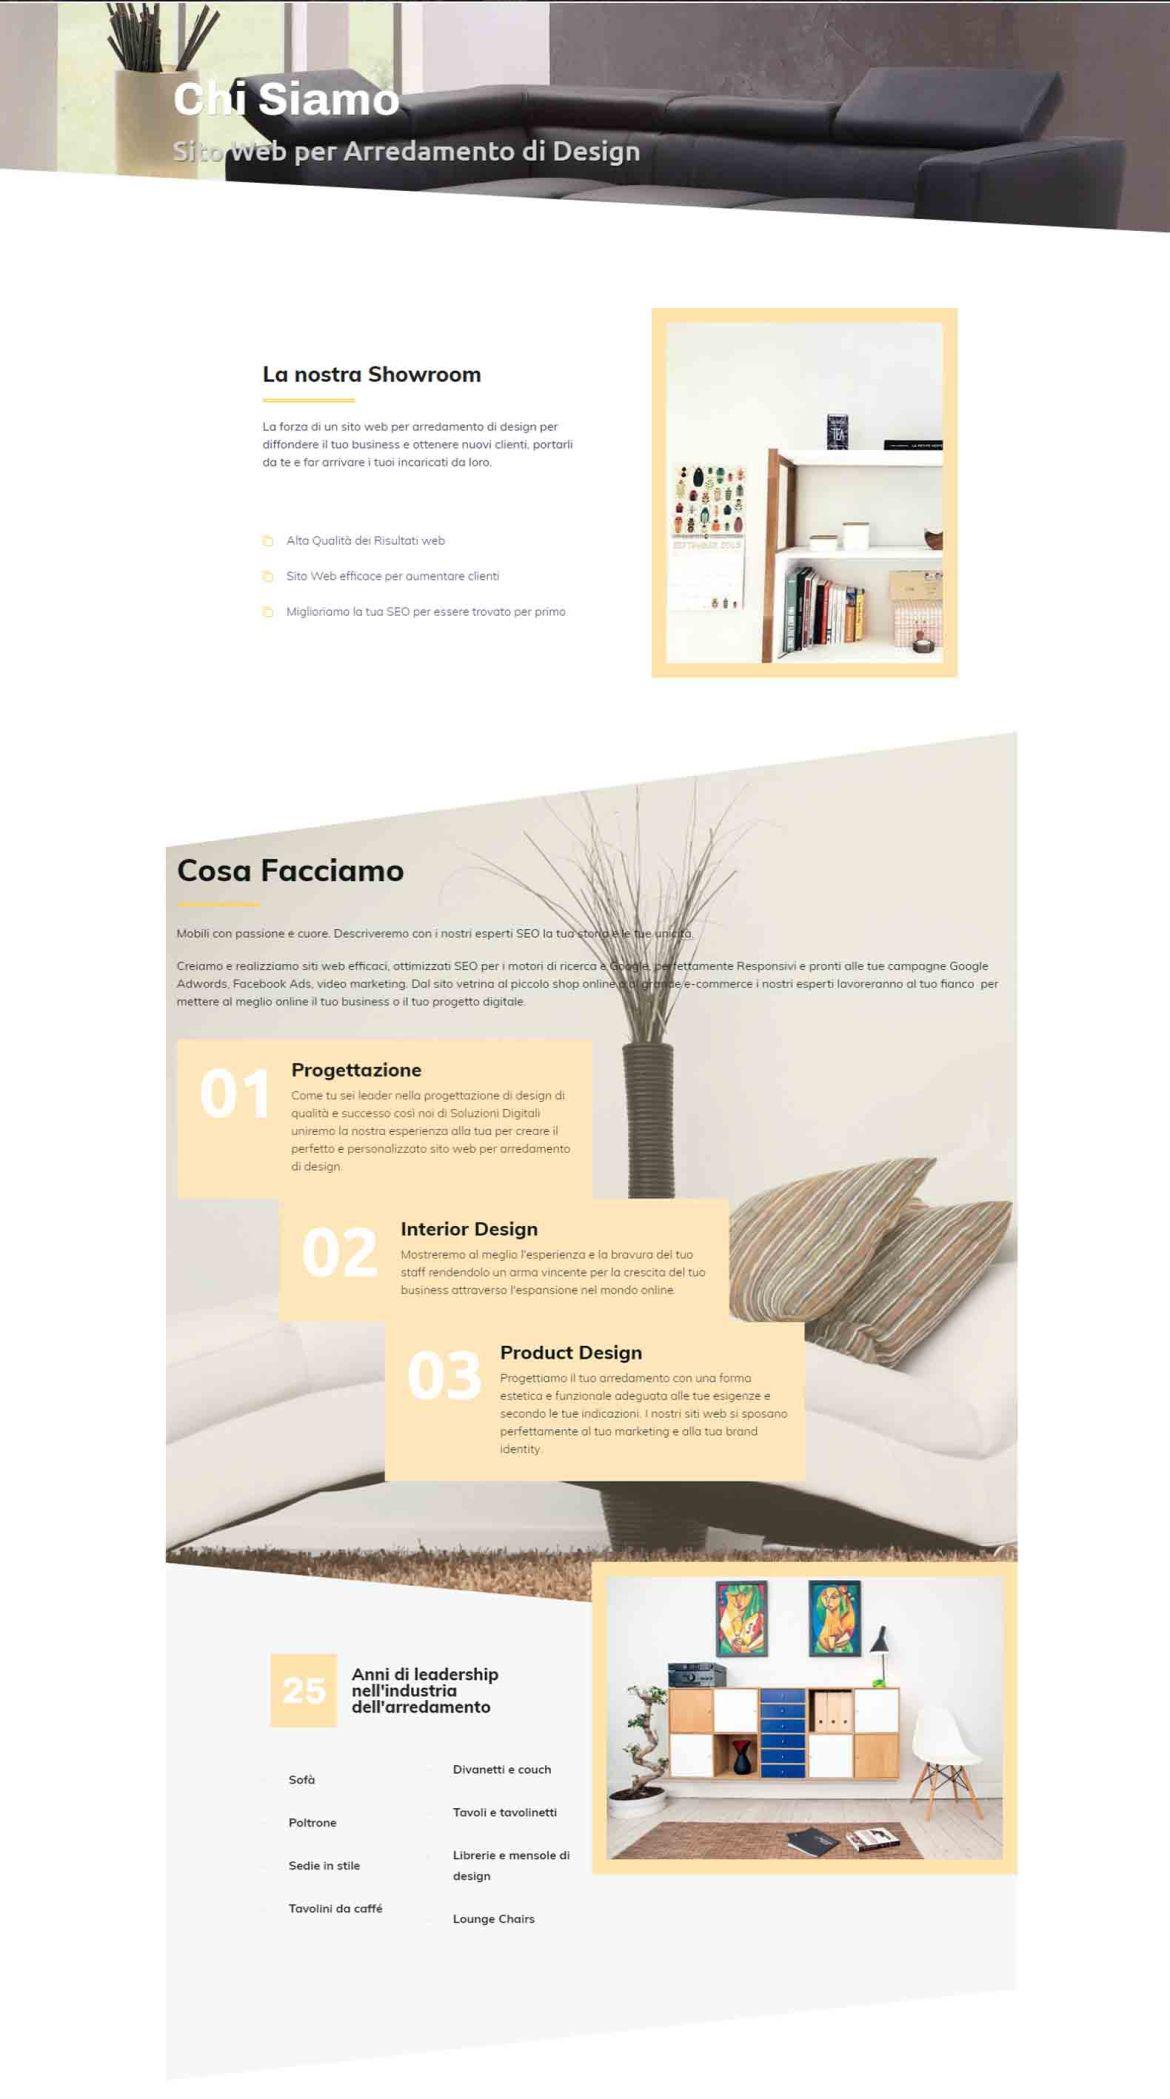 Arredamento di Design Soluzioni Digitali Online Sito Web Creare Realizzare siti Web SEO efficace ecommerce Marketing ChS02